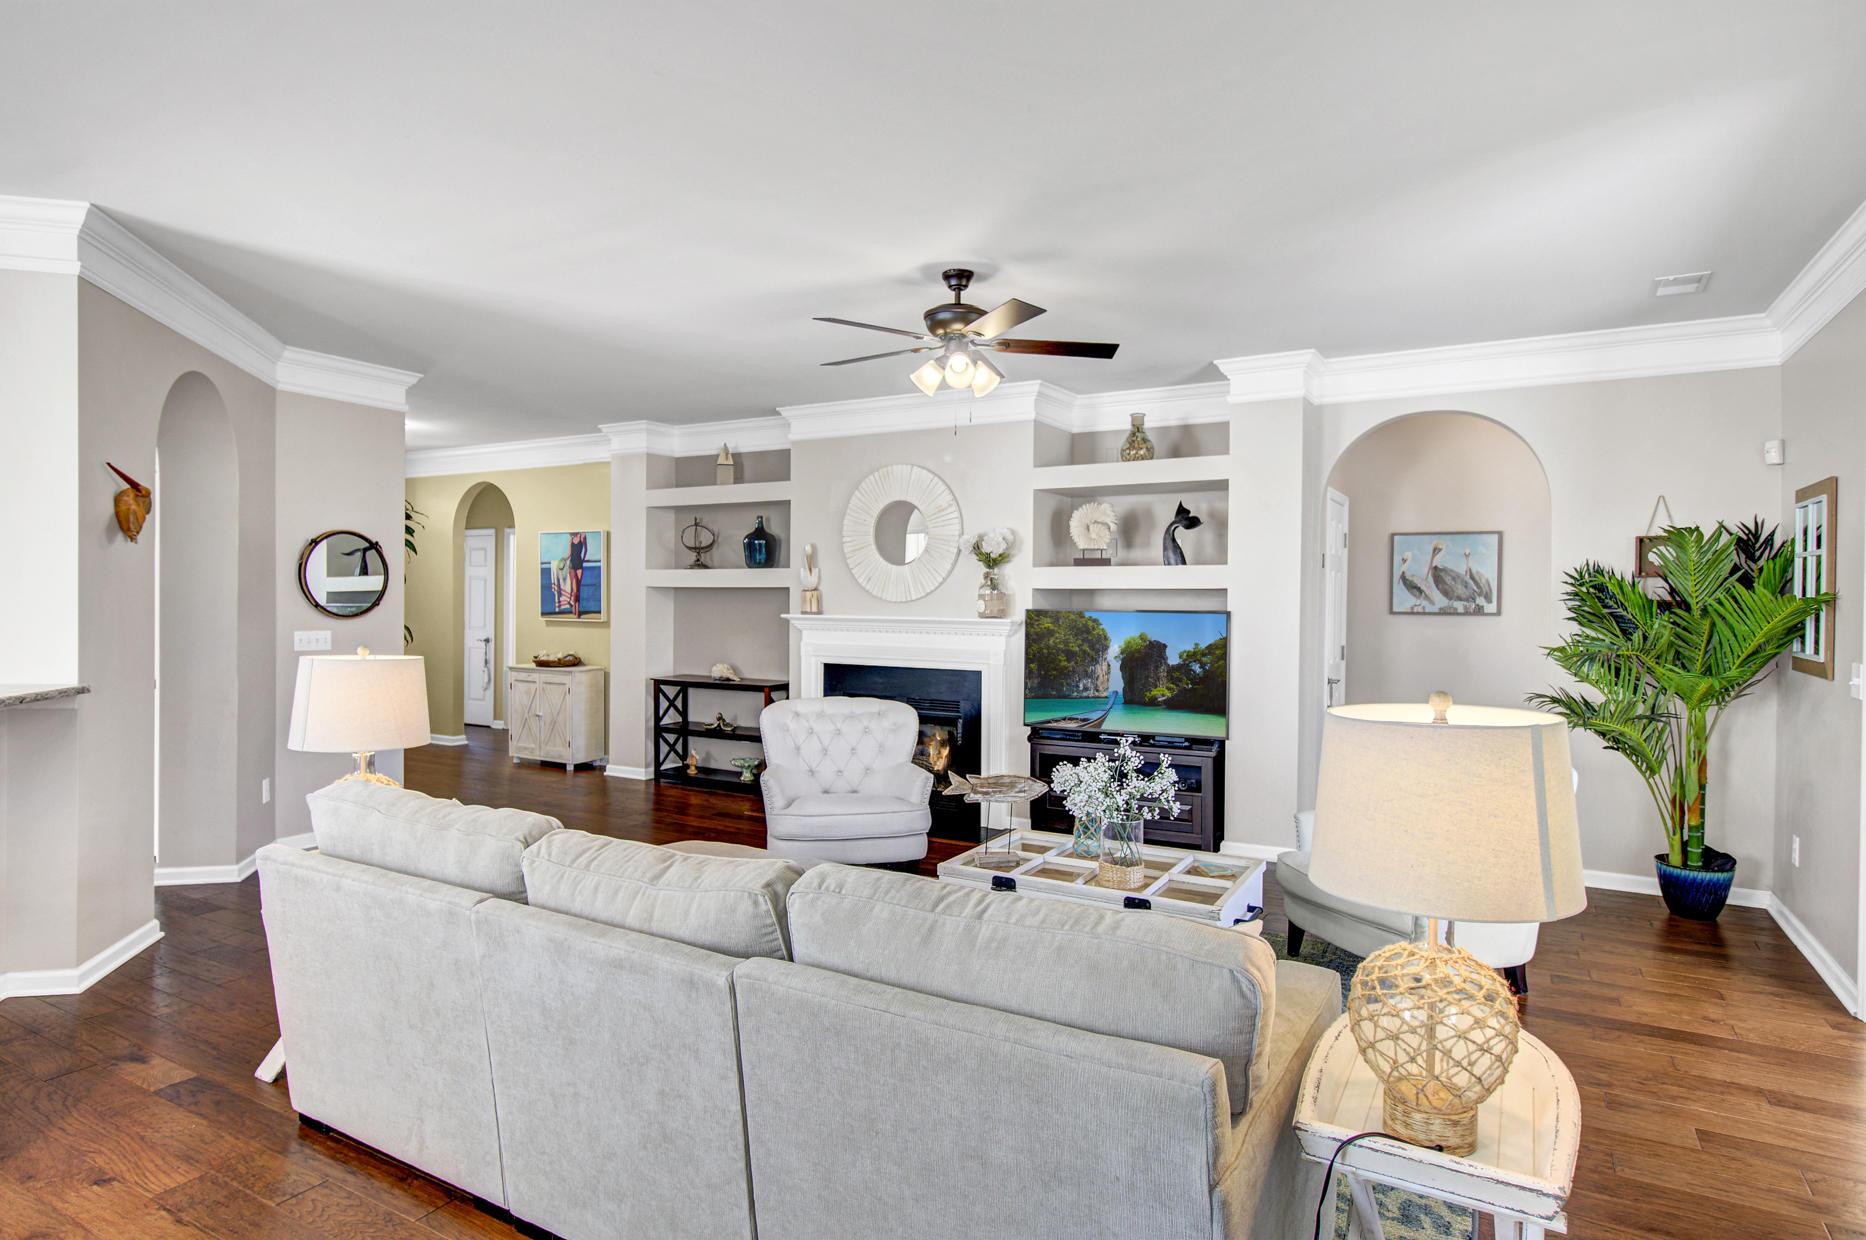 Park West Homes For Sale - 1497 Endicot, Mount Pleasant, SC - 20